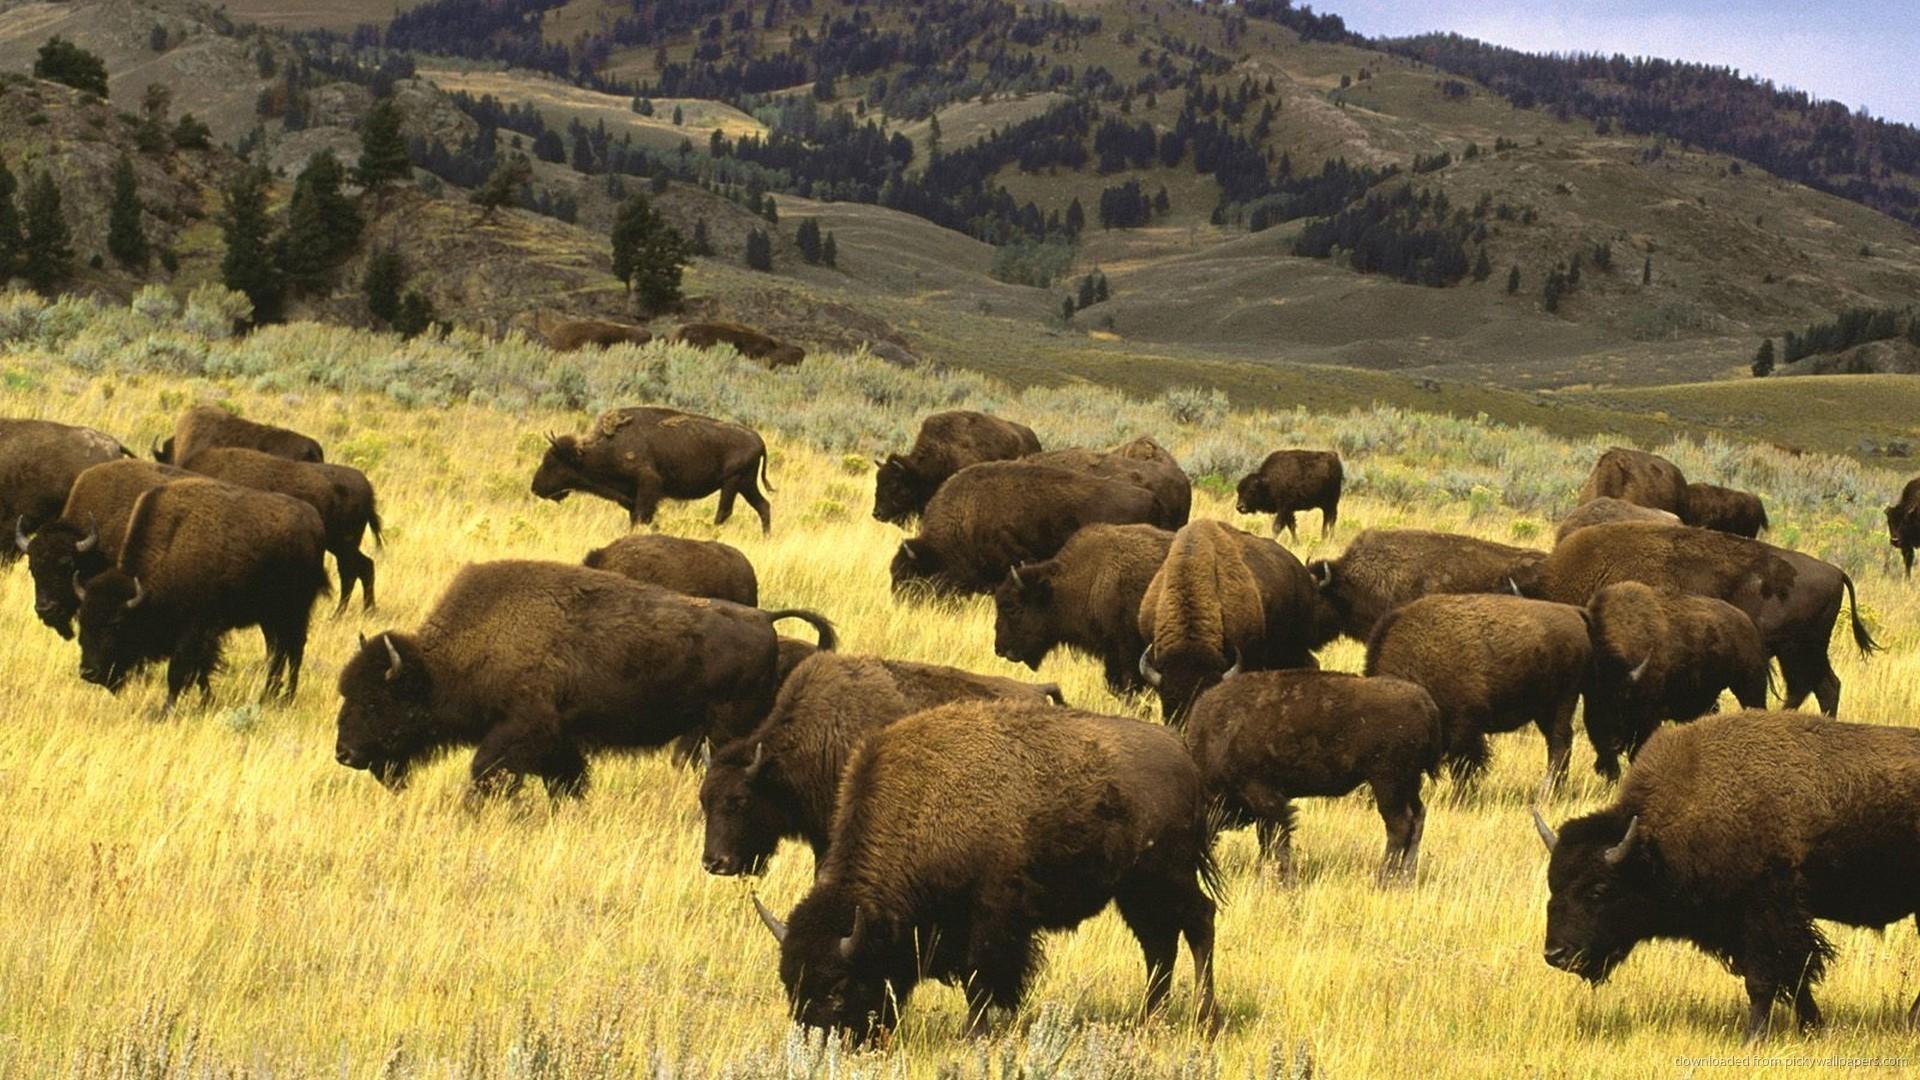 Bison Herd Desktop Wallpaper picture